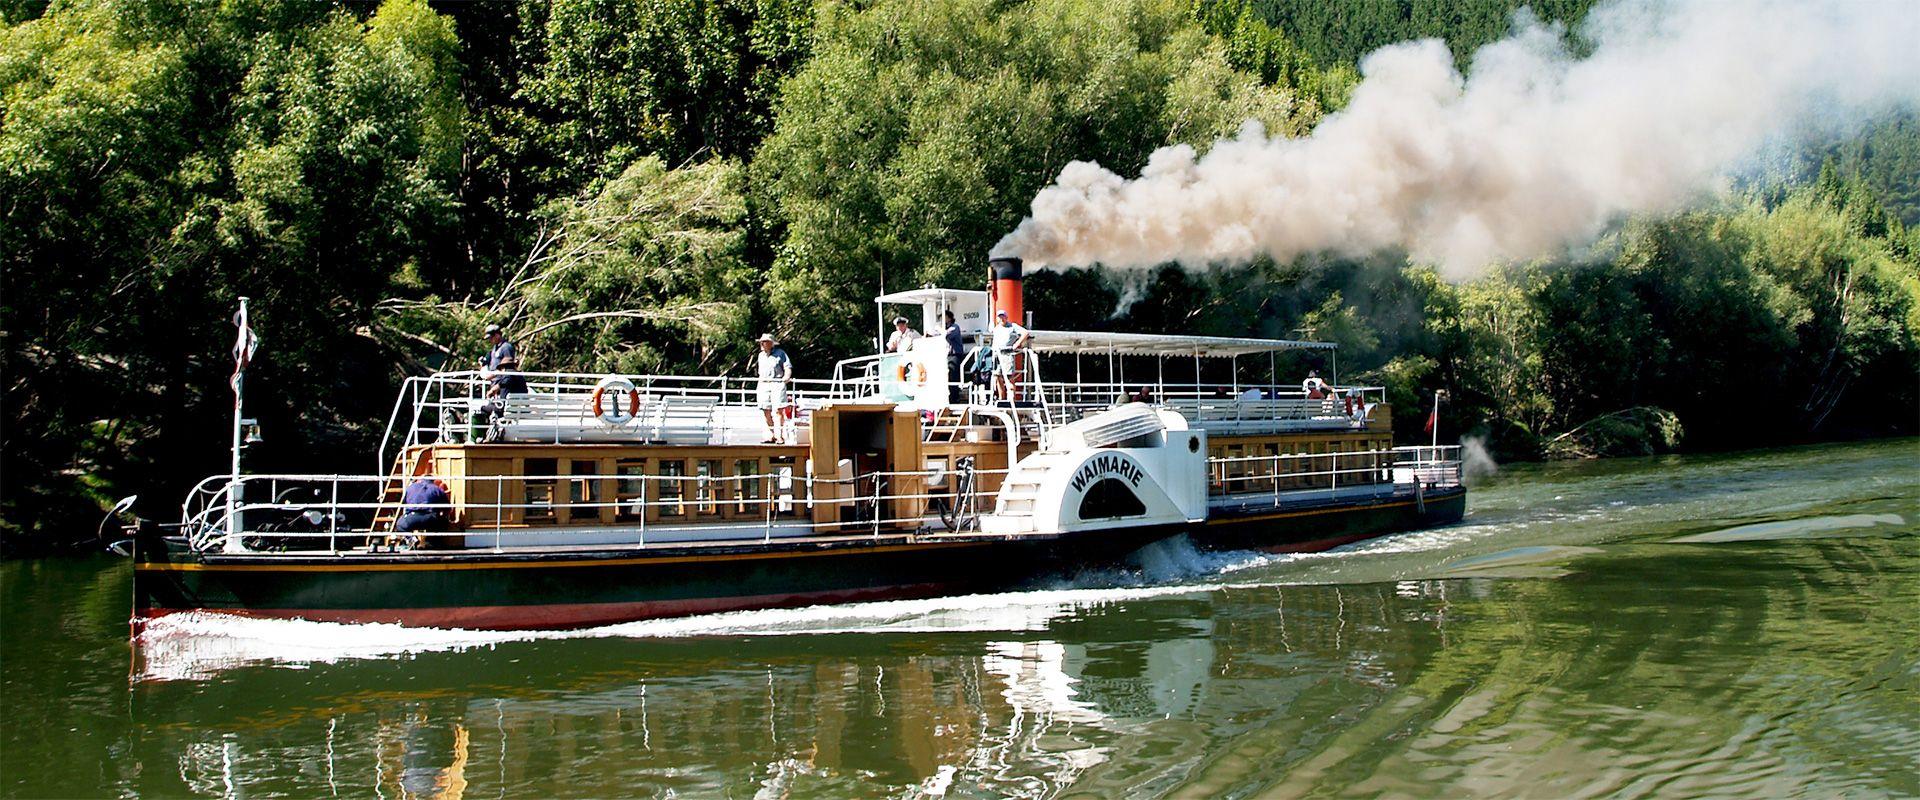 Whanganui river steam boat